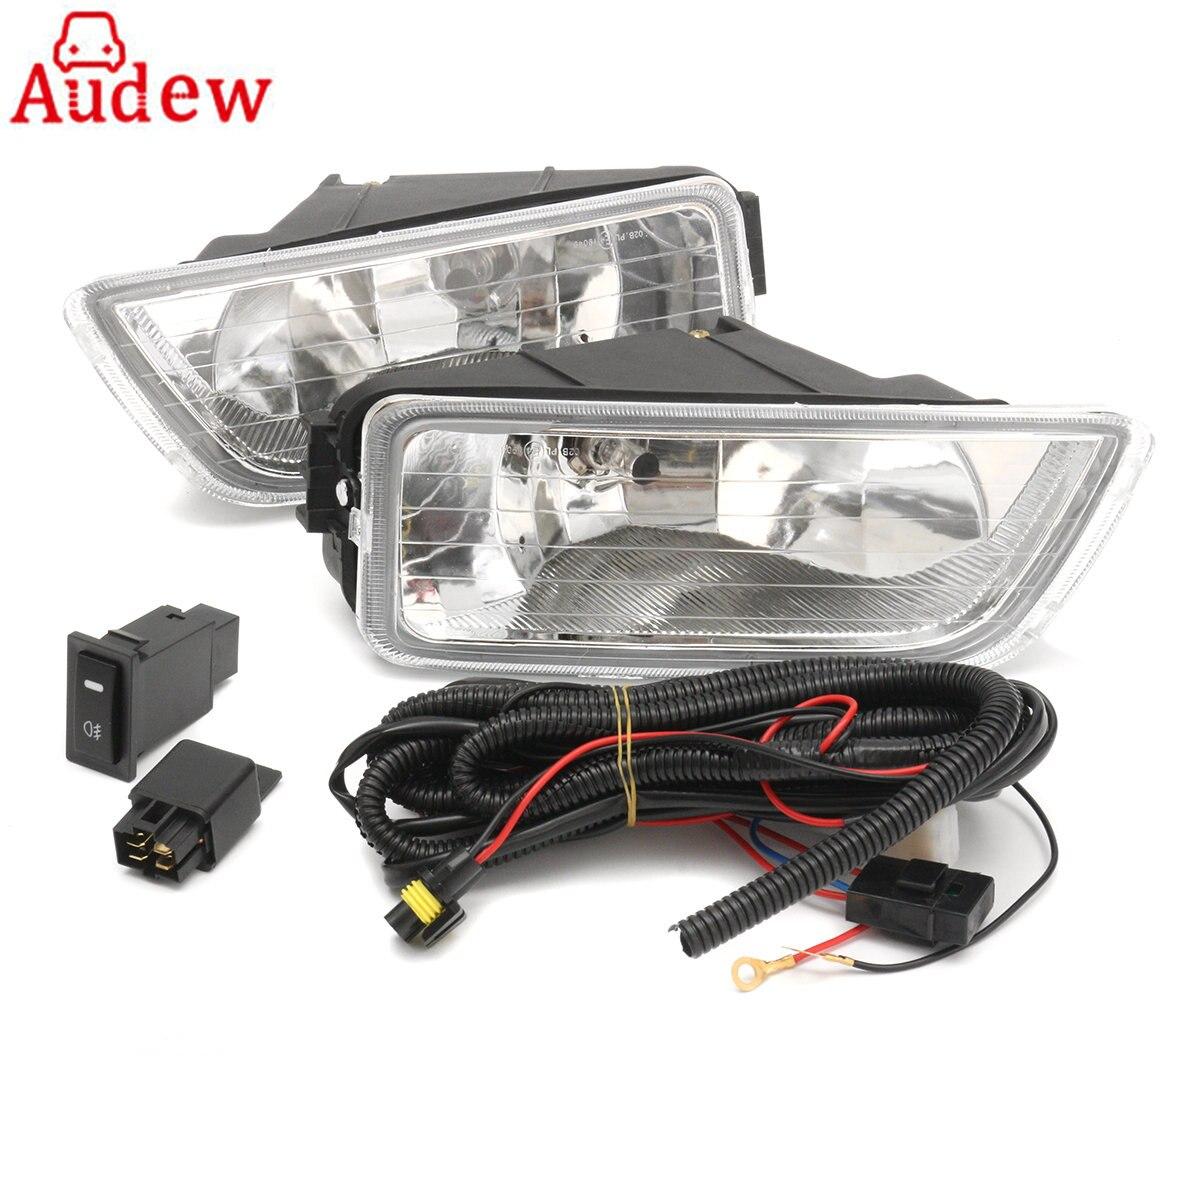 2 pièces H11 55 W voiture avant côté antibrouillard lumière assemblage avec faisceau de câblage et accessoires pour Honda/Accord 2003-2007